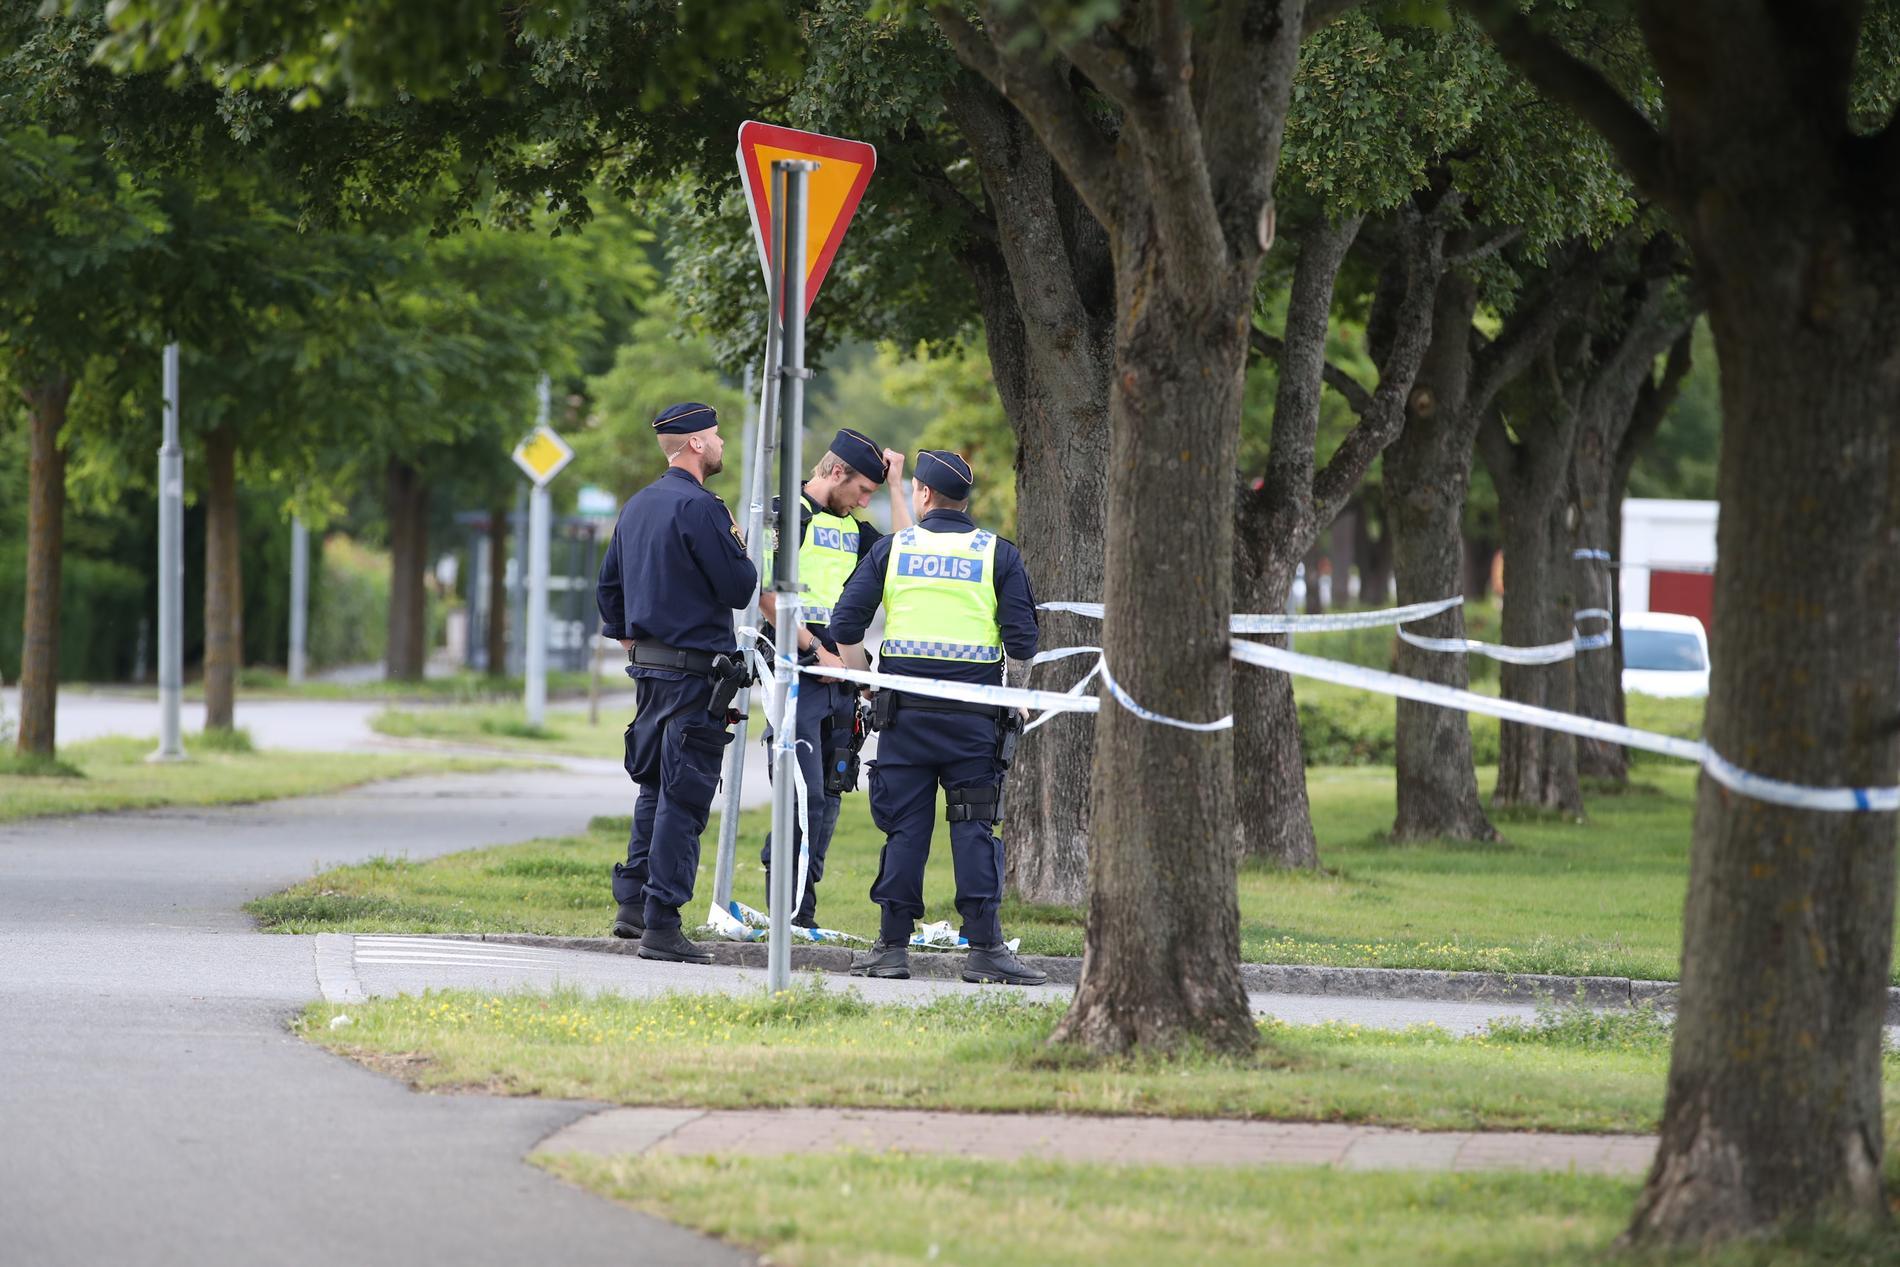 Den här våldseskaleringen de senaste dygnen ska vi bryta, säger polisens Ewa-Gun Westford.